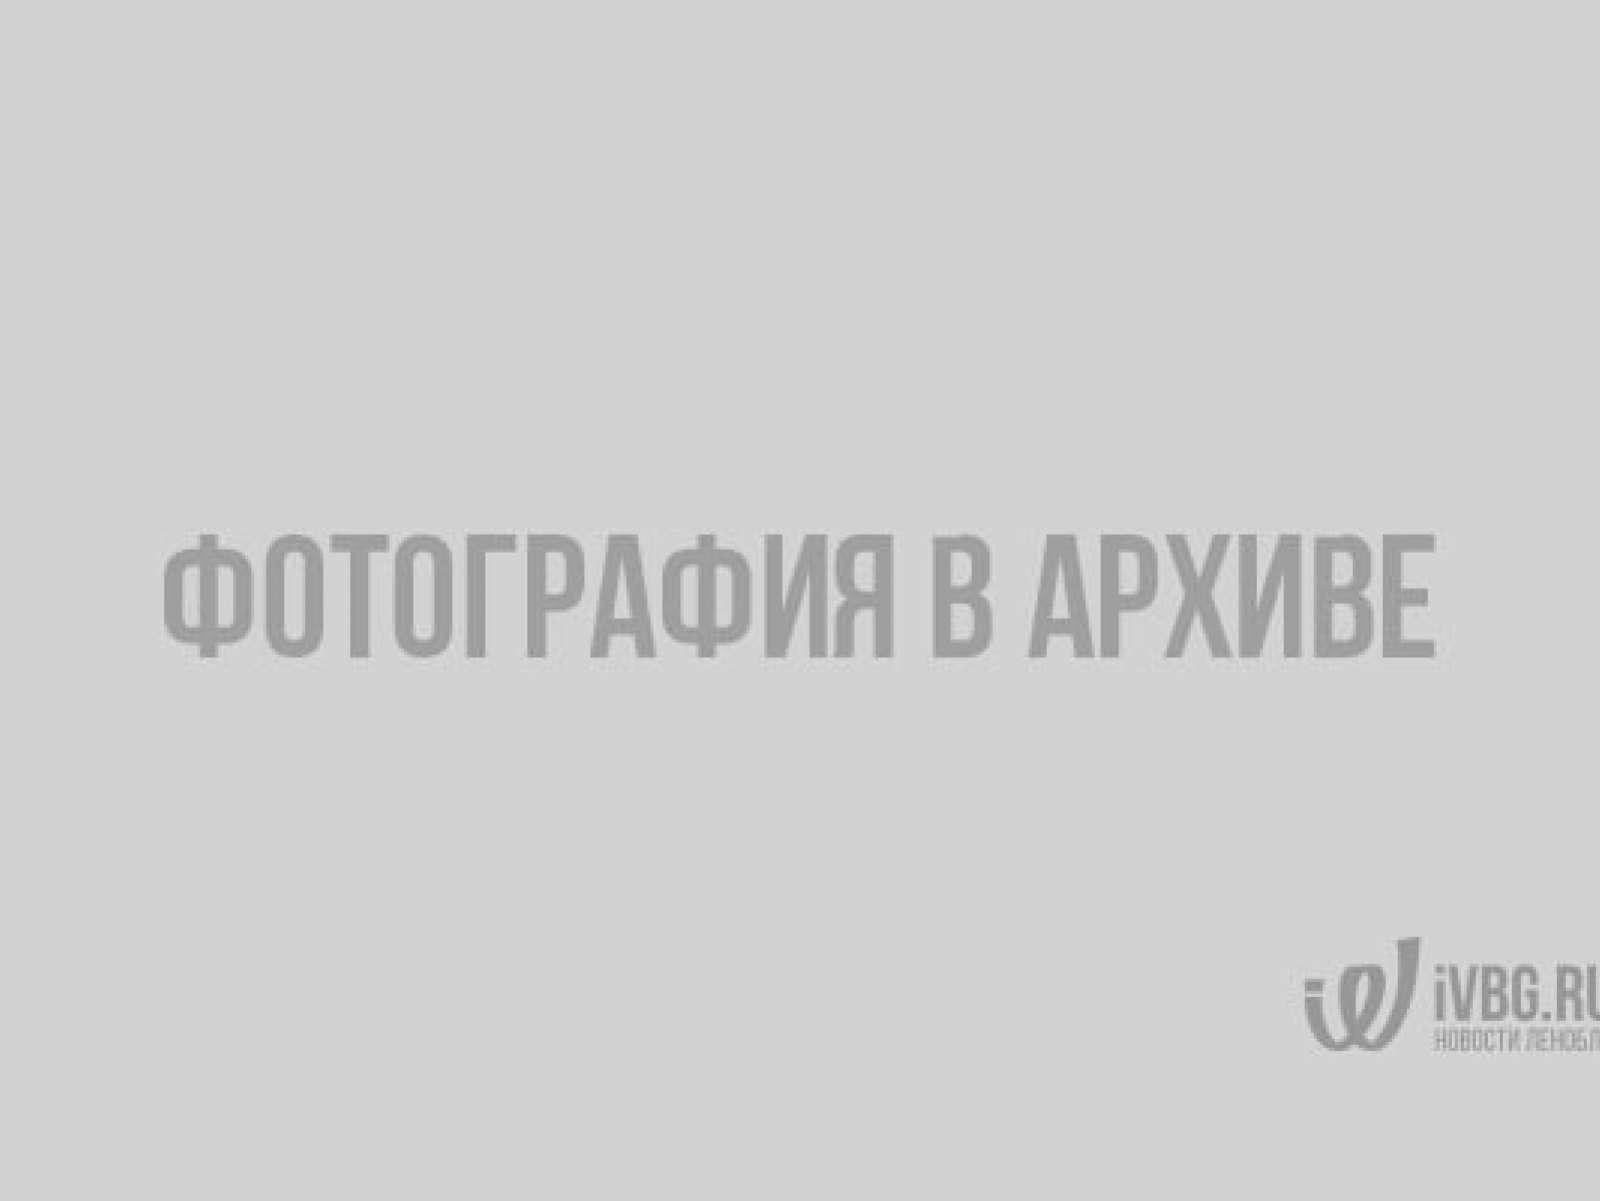 Юные танцоры из Тихвина завоевали Гран-при Всероссийского конкурса Тихвинский район, Тихвин, танцоры, Ленобласть